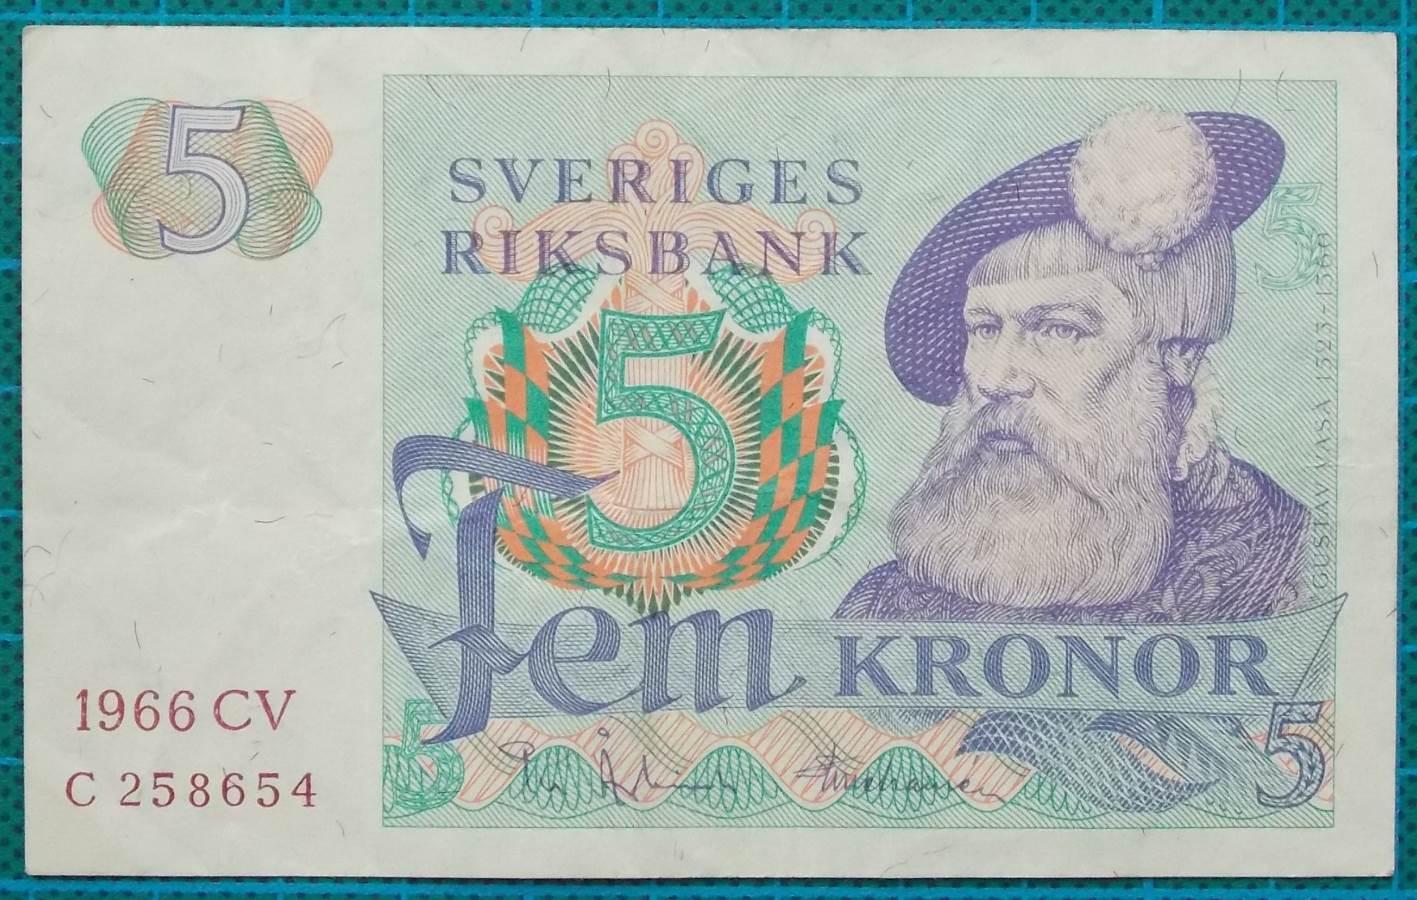 1966 Sweden Sveriges Riksbank 5 Kronor C258654